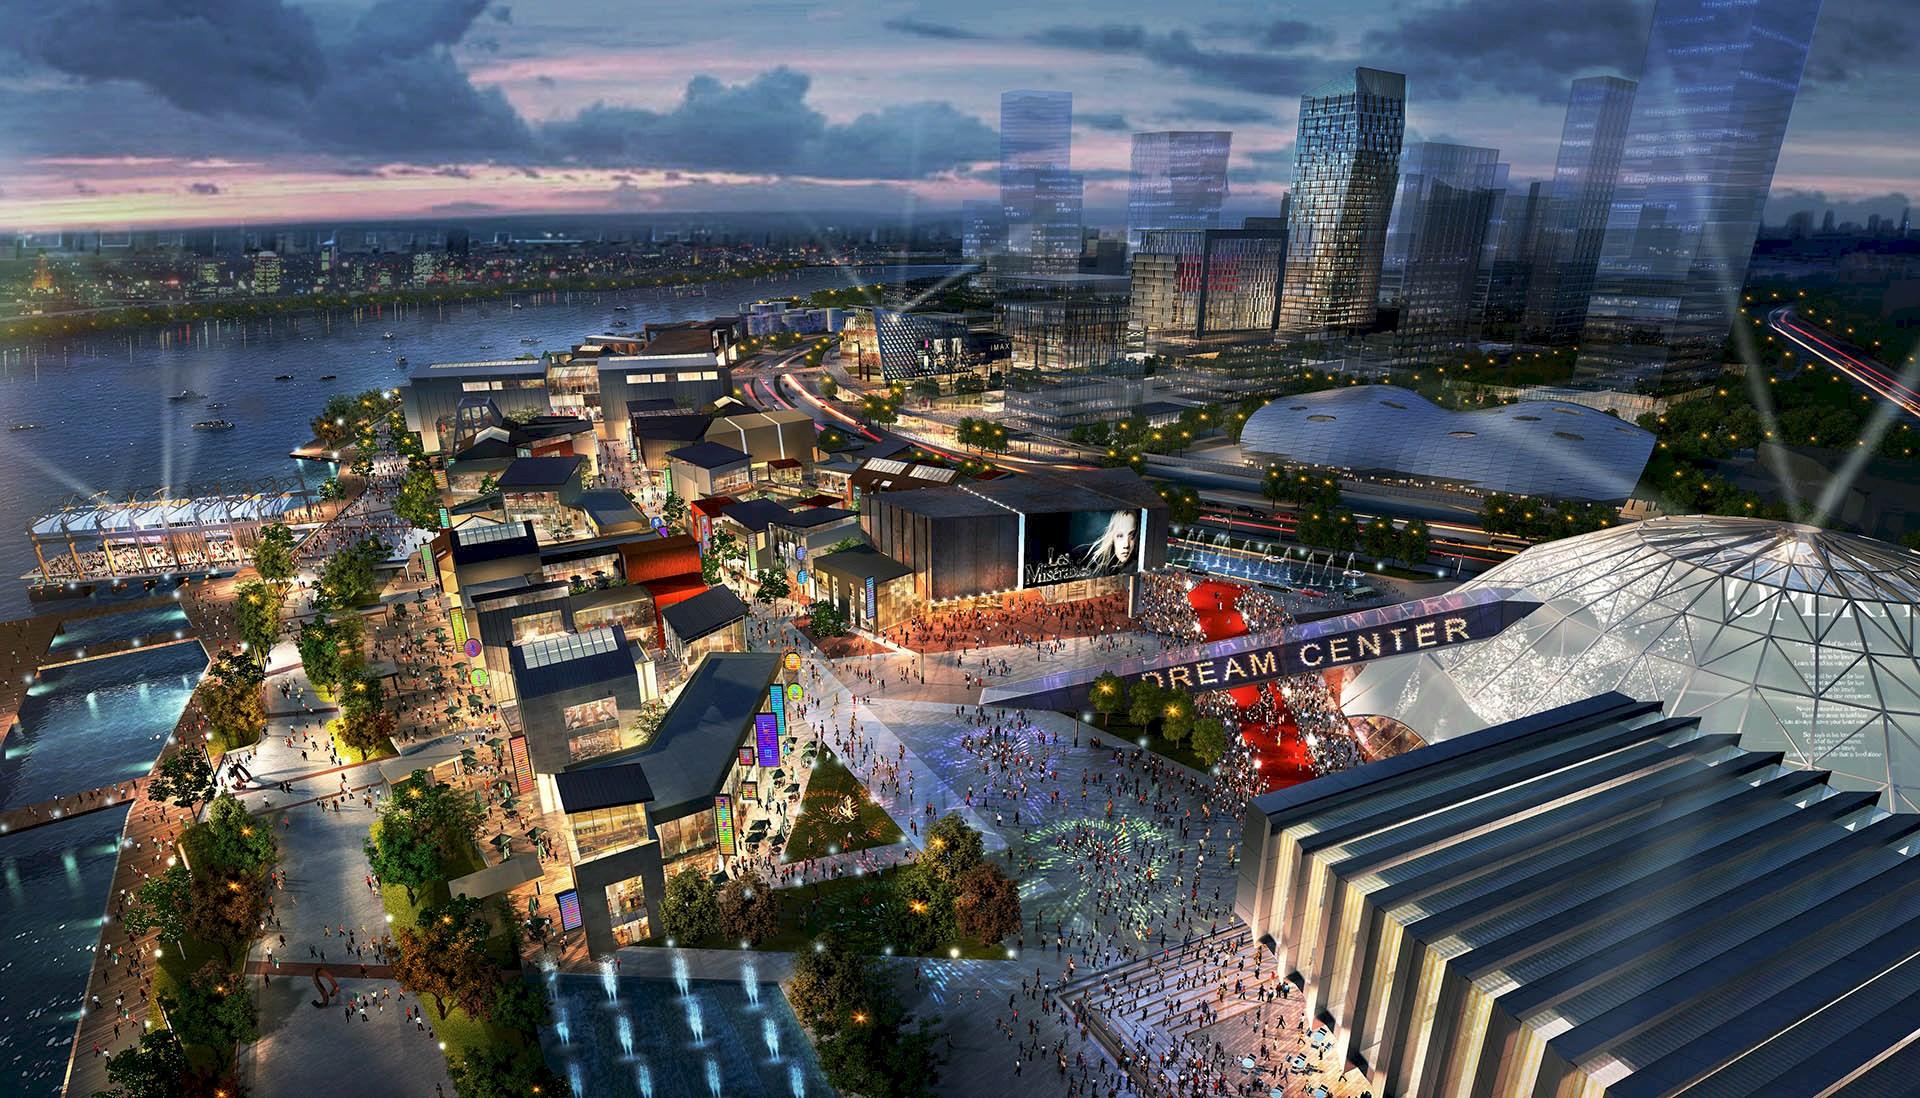 Benoy Masterplans DreamCenter Landmark in Shanghai